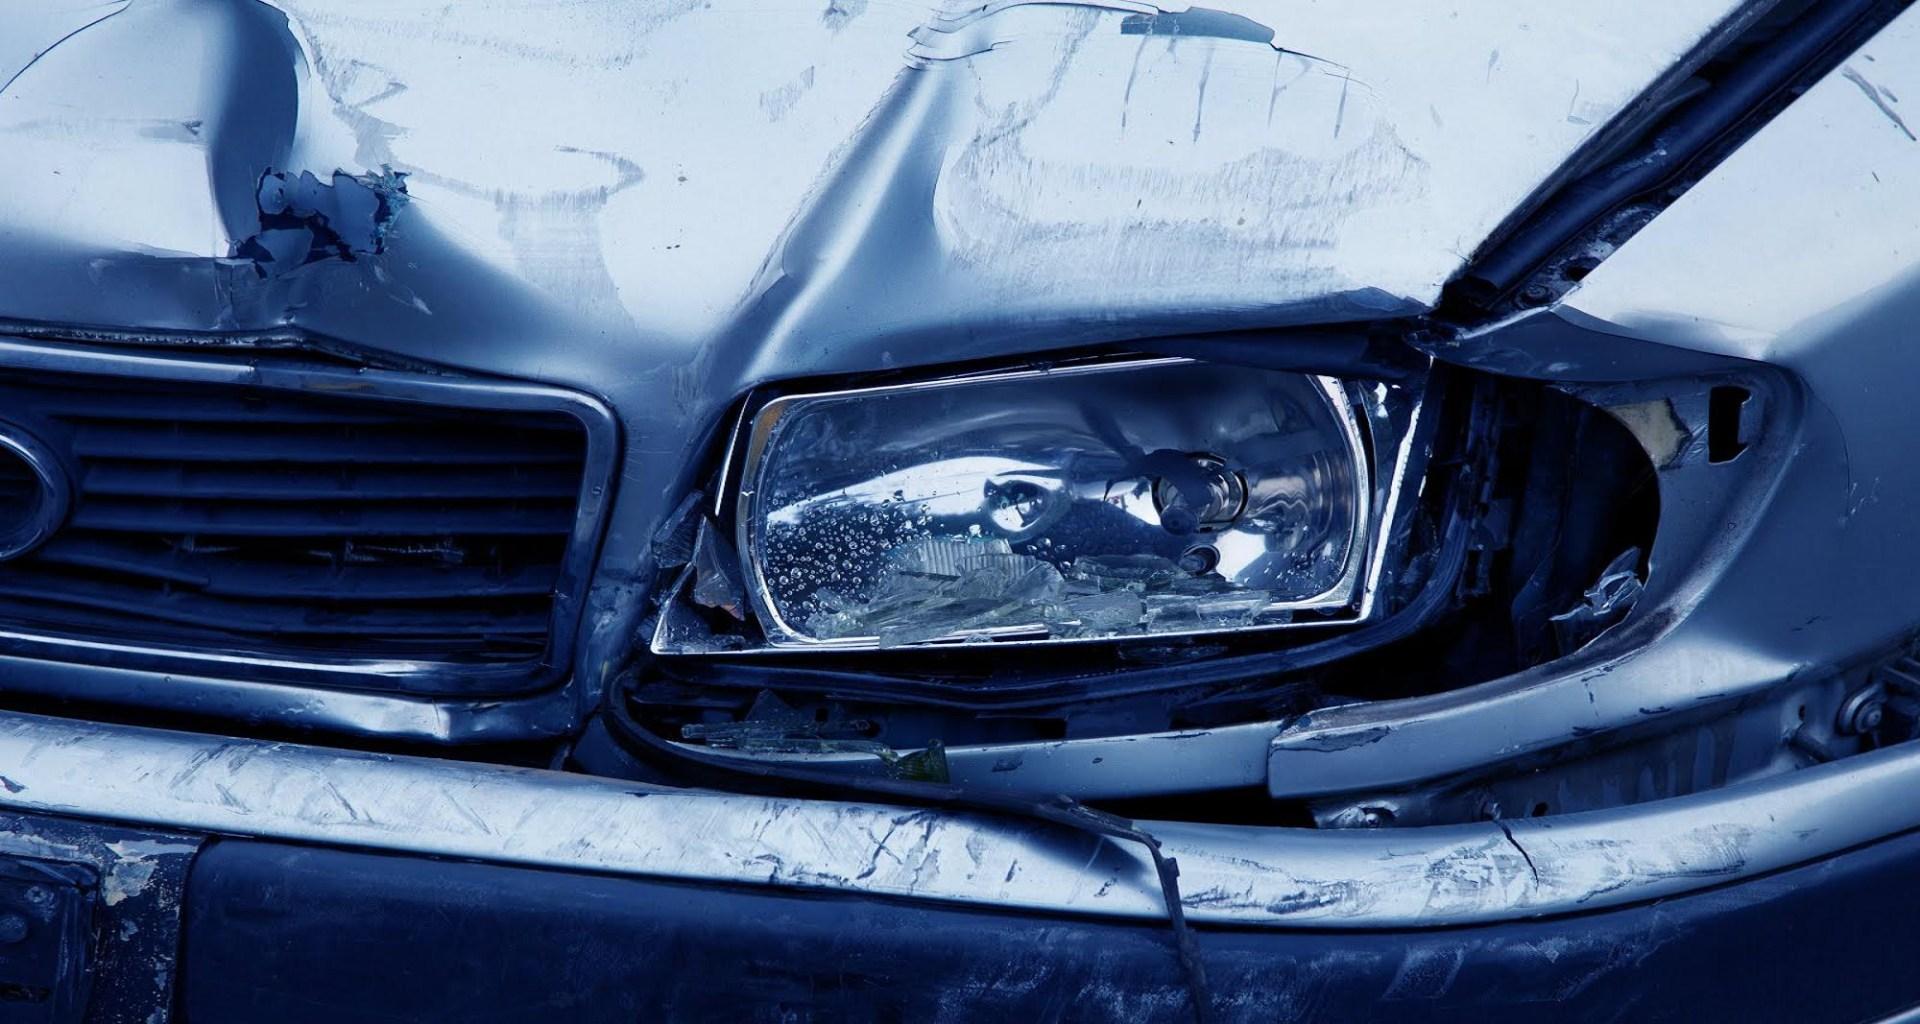 Pozáruční opravy, odtahová služba, nehody Teplice